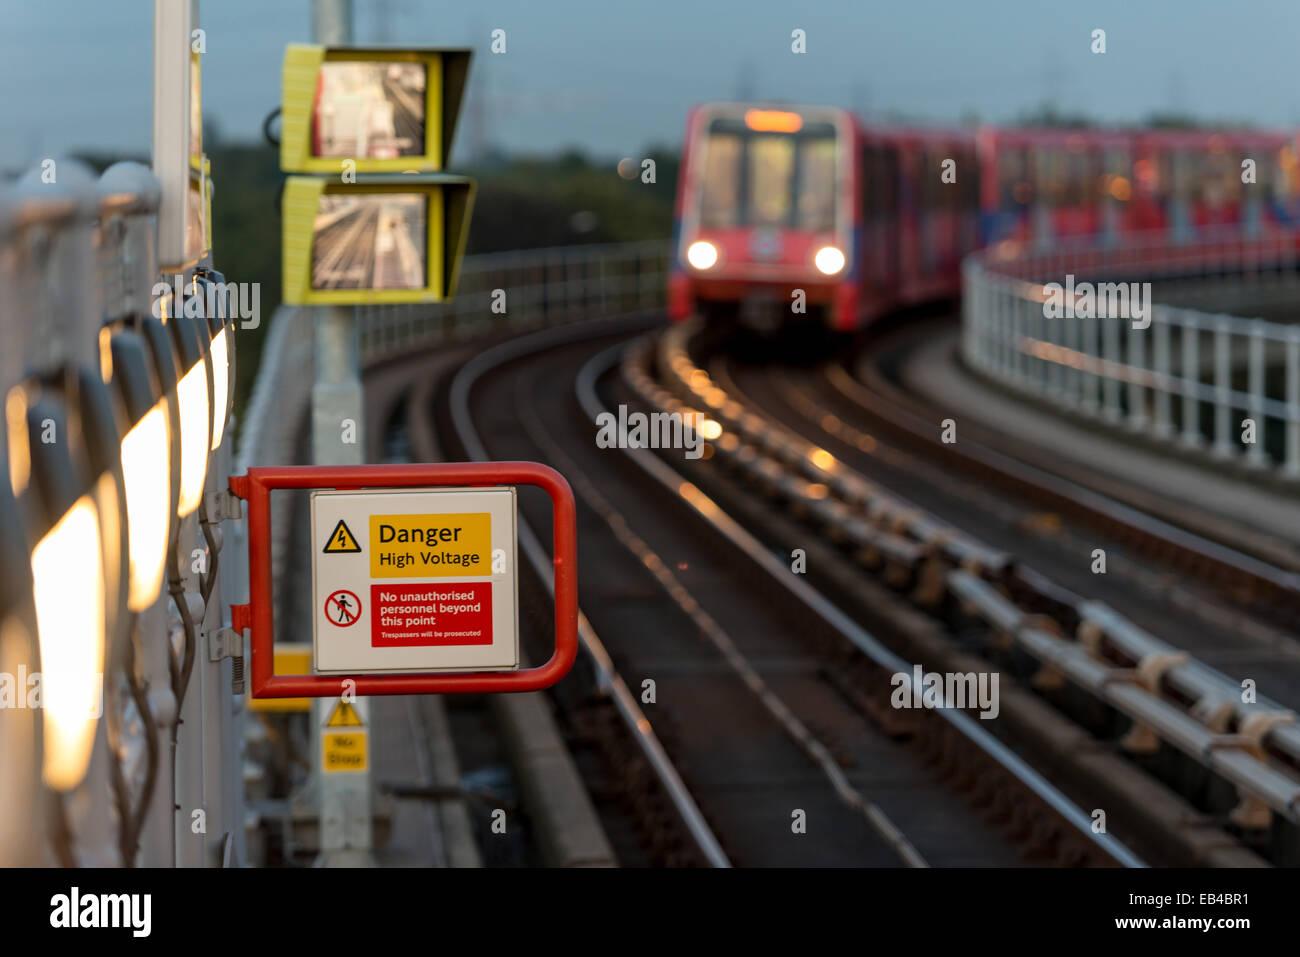 Electricity warning: Danger High Voltage sign on Docklands Light Railway platform in East London - Stock Image